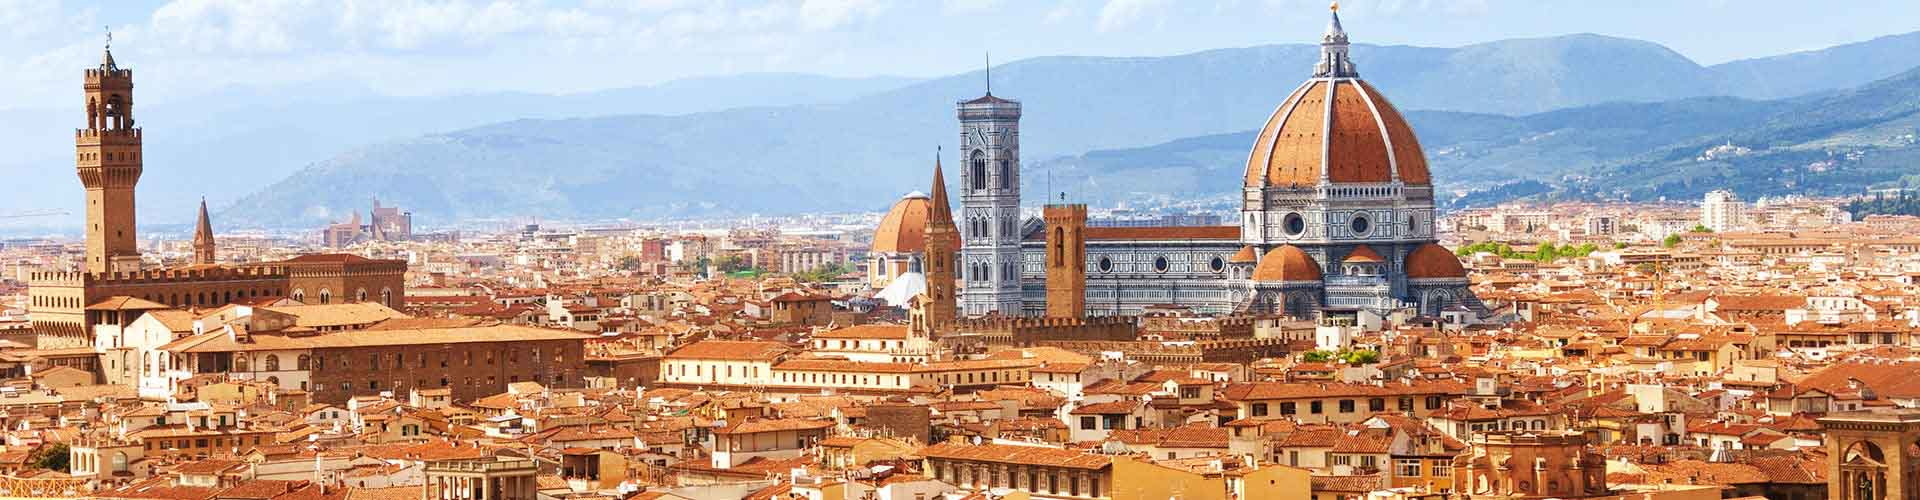 Firenze - Ifjúsági Szállások Firenzeben. Firenze térképek, fotók és ajánlások minden egyes ifjúsági szállásokra Firenze-ben.